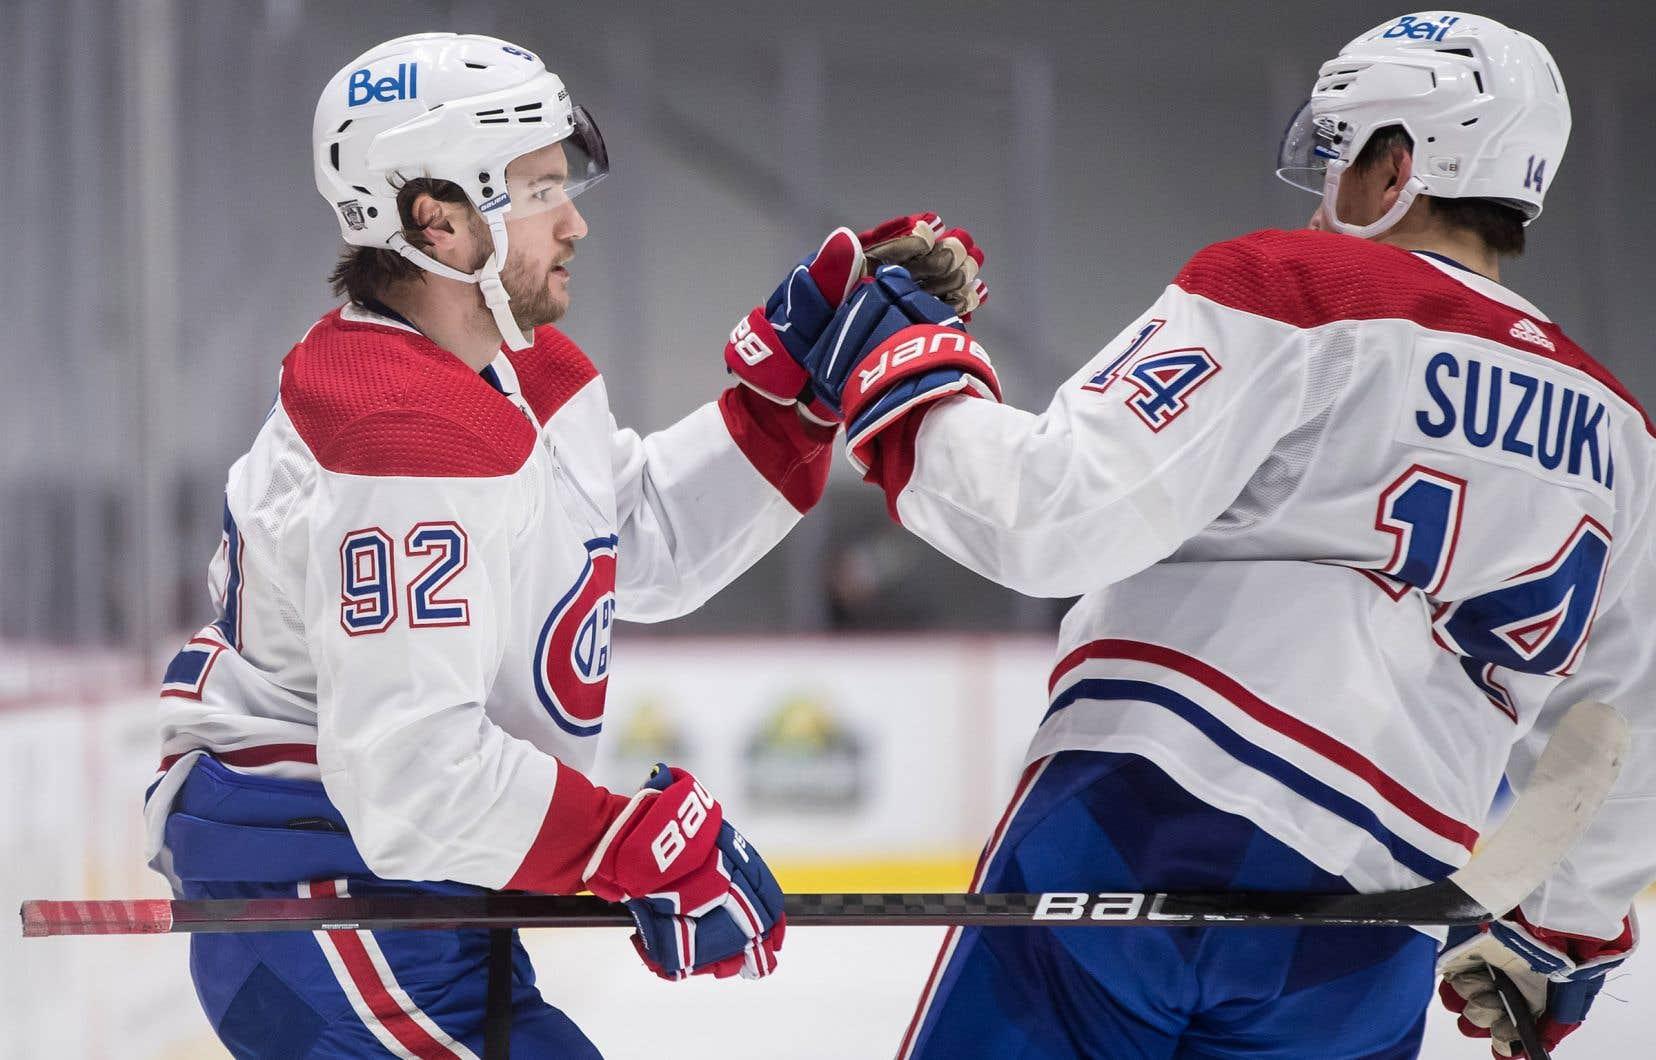 Jonathan Drouin, à gauche, et Nick Suzuki qui célèbrent le but de Drouin contre les Canucks de Vancouver lors de la troisième période d'un match de la LNH à Vancouver, samedi dernier.